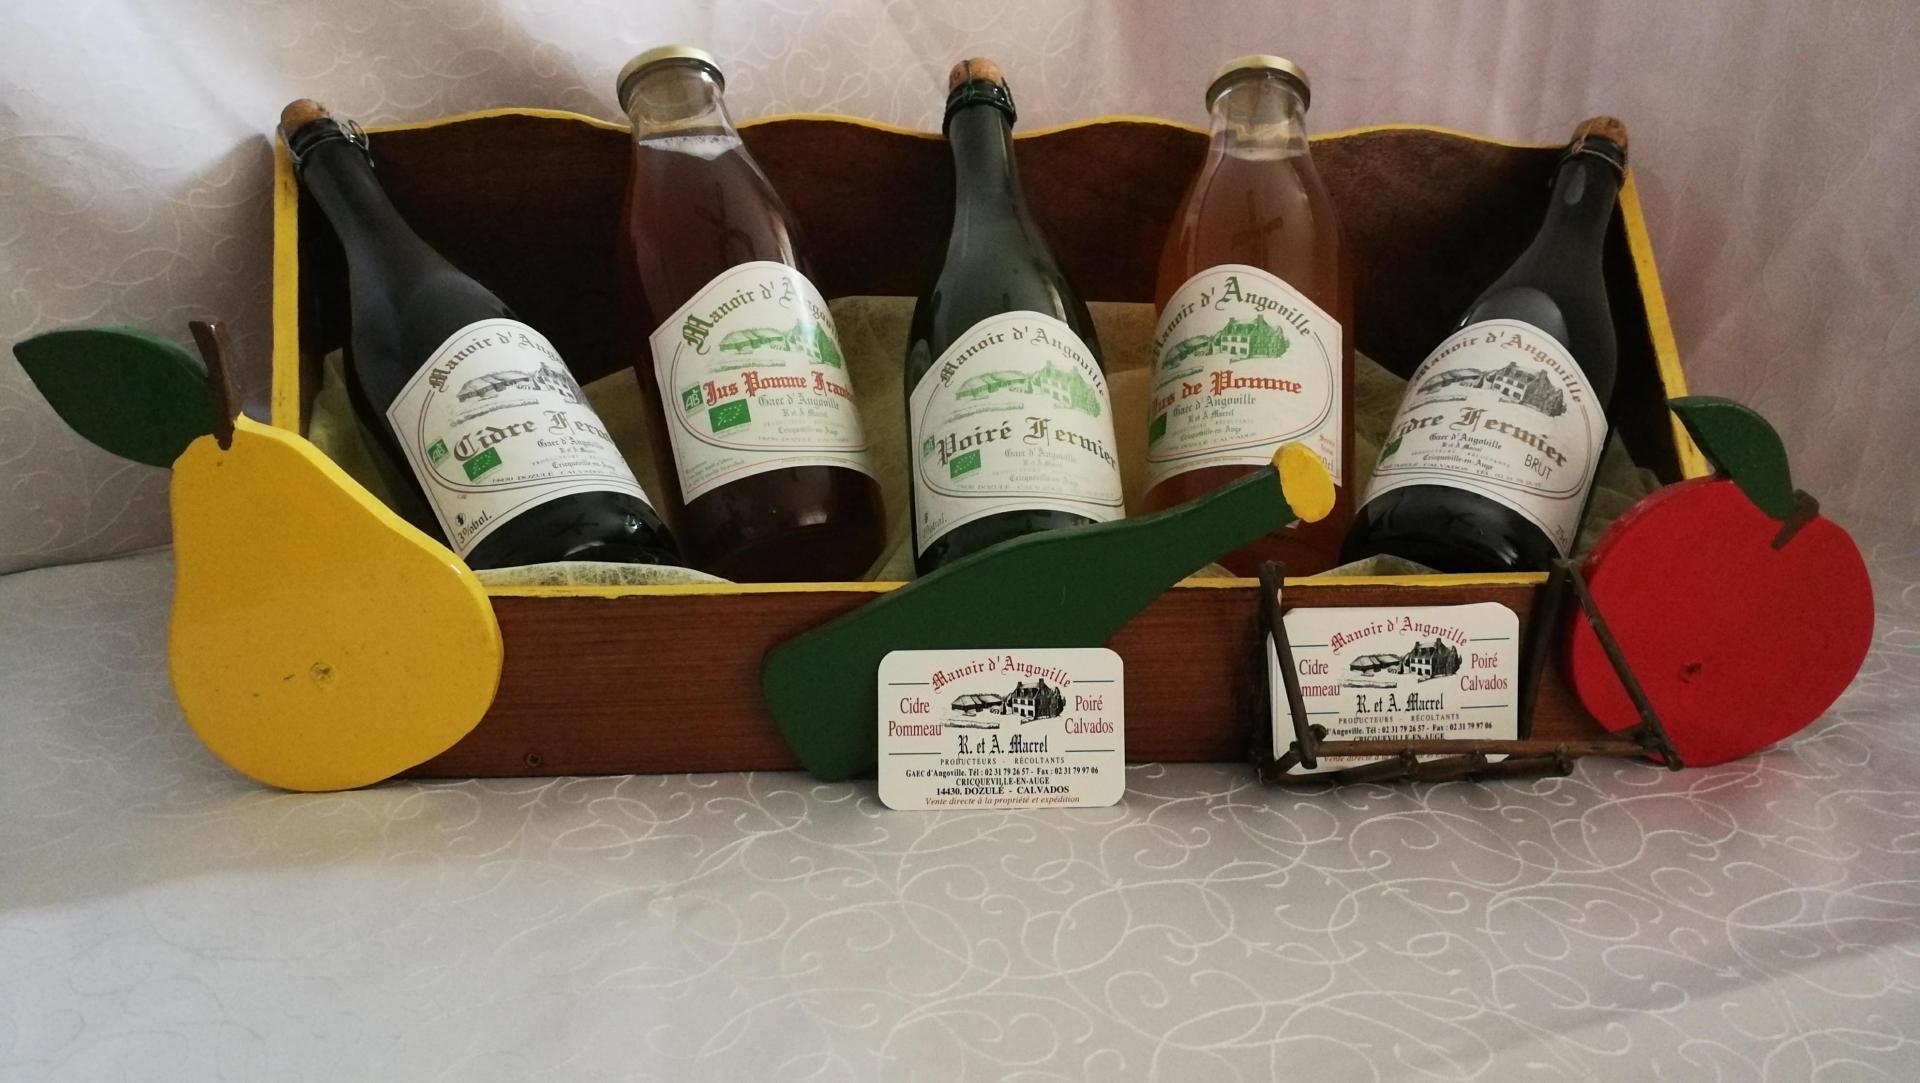 Les produits cidricoles du Manoir d'Angoville